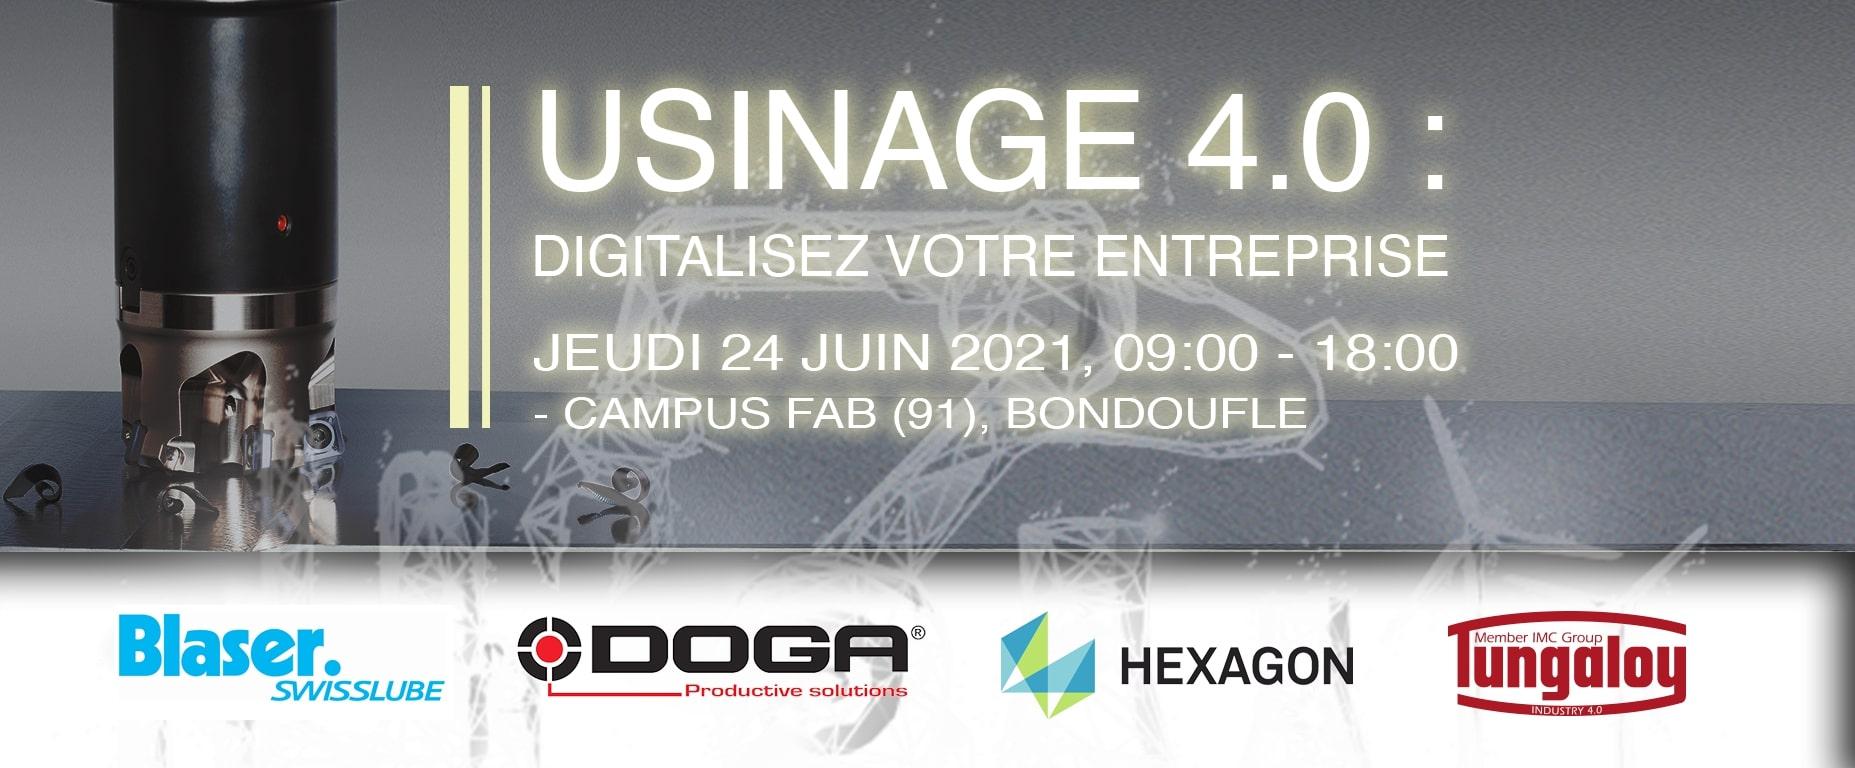 Usinage 4.0, Digitalisez Votre Entreprise Le 24 Juin 2021 à Campus Fab (91)